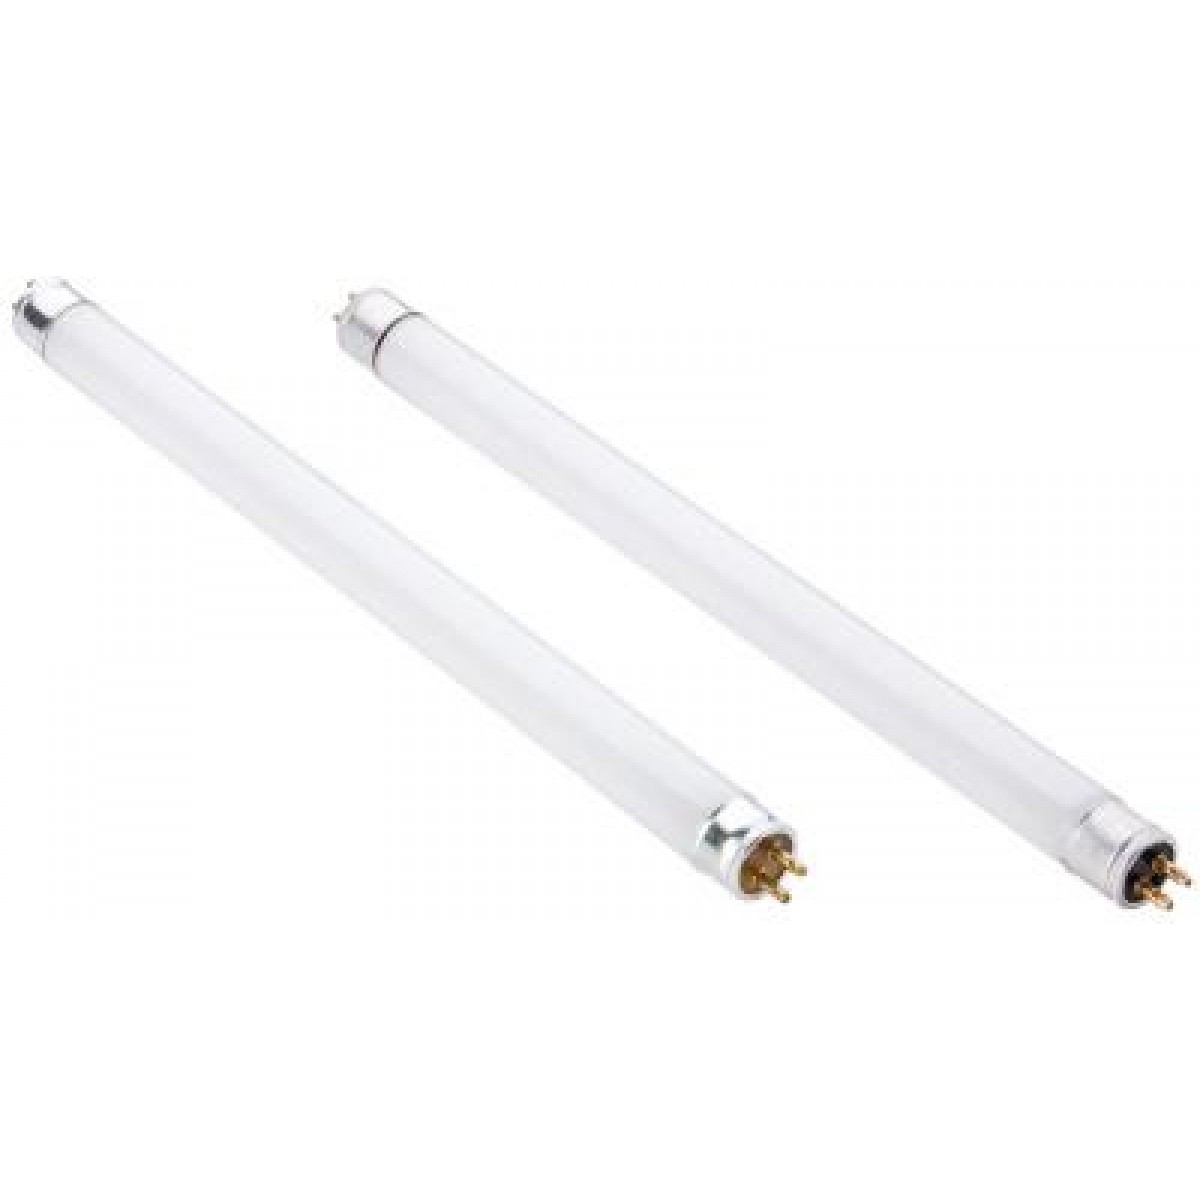 Foco repuesto lampara Exter fly 15w y 8w